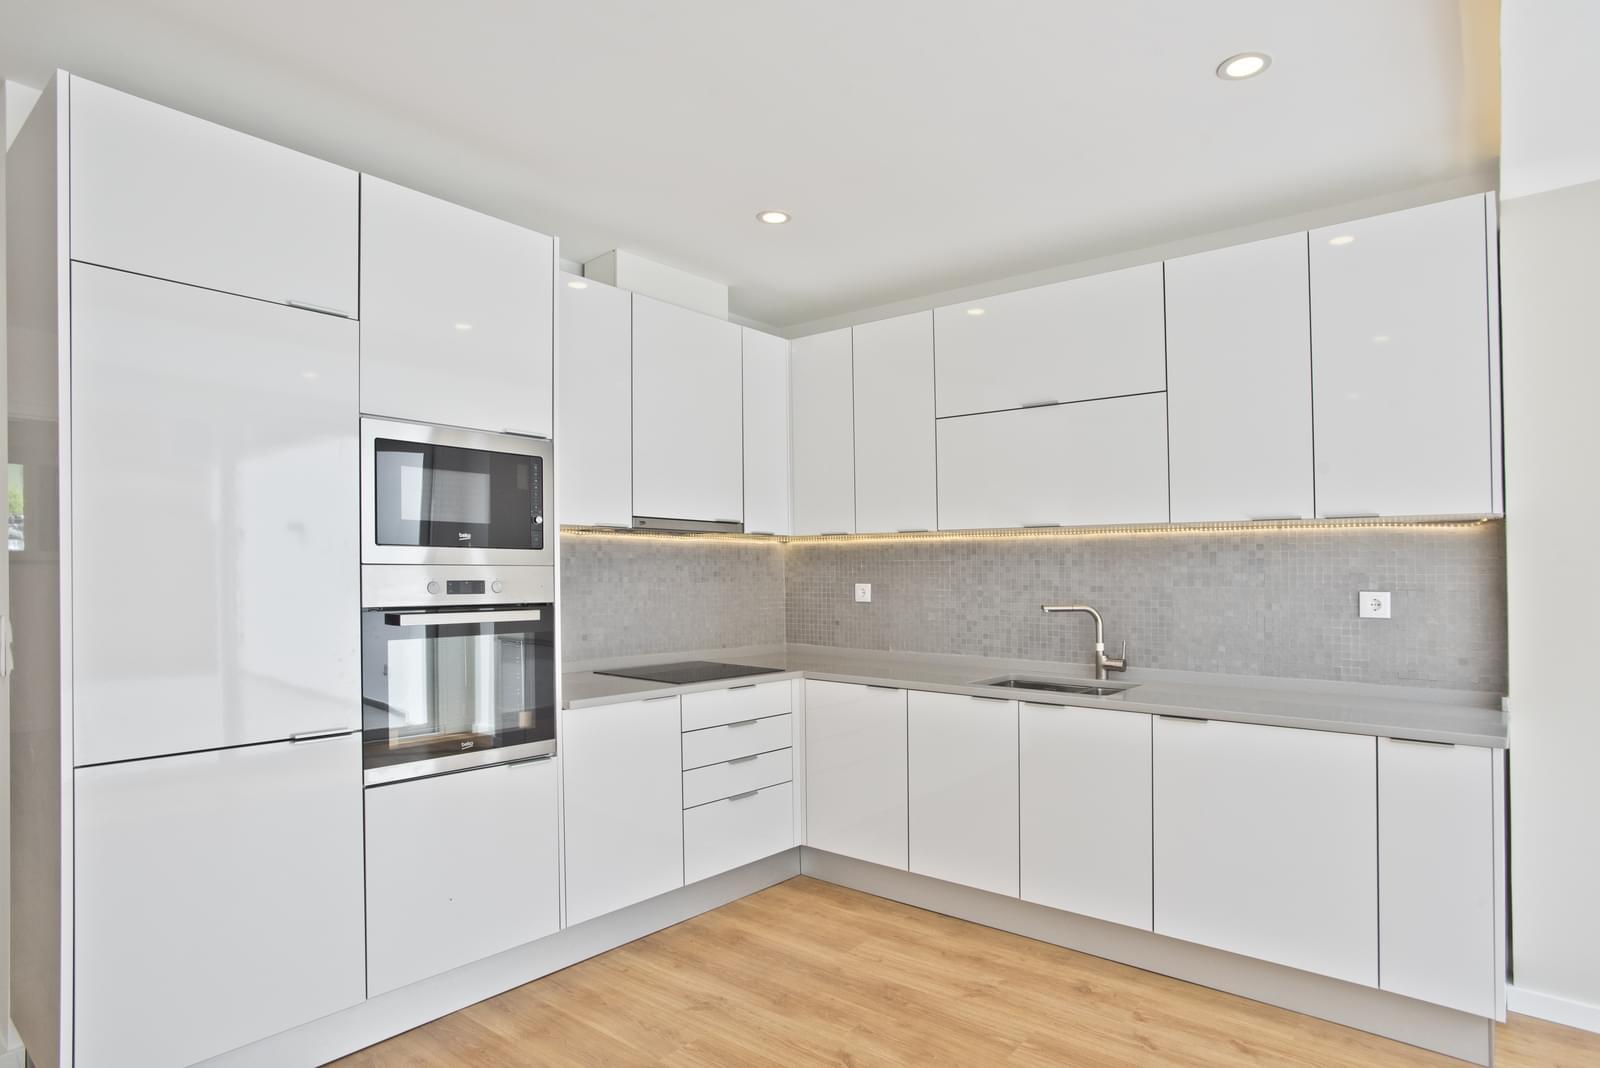 pf16986-apartamento-t2-cascais-a6e45a93-8b79-49f9-9473-834828055209